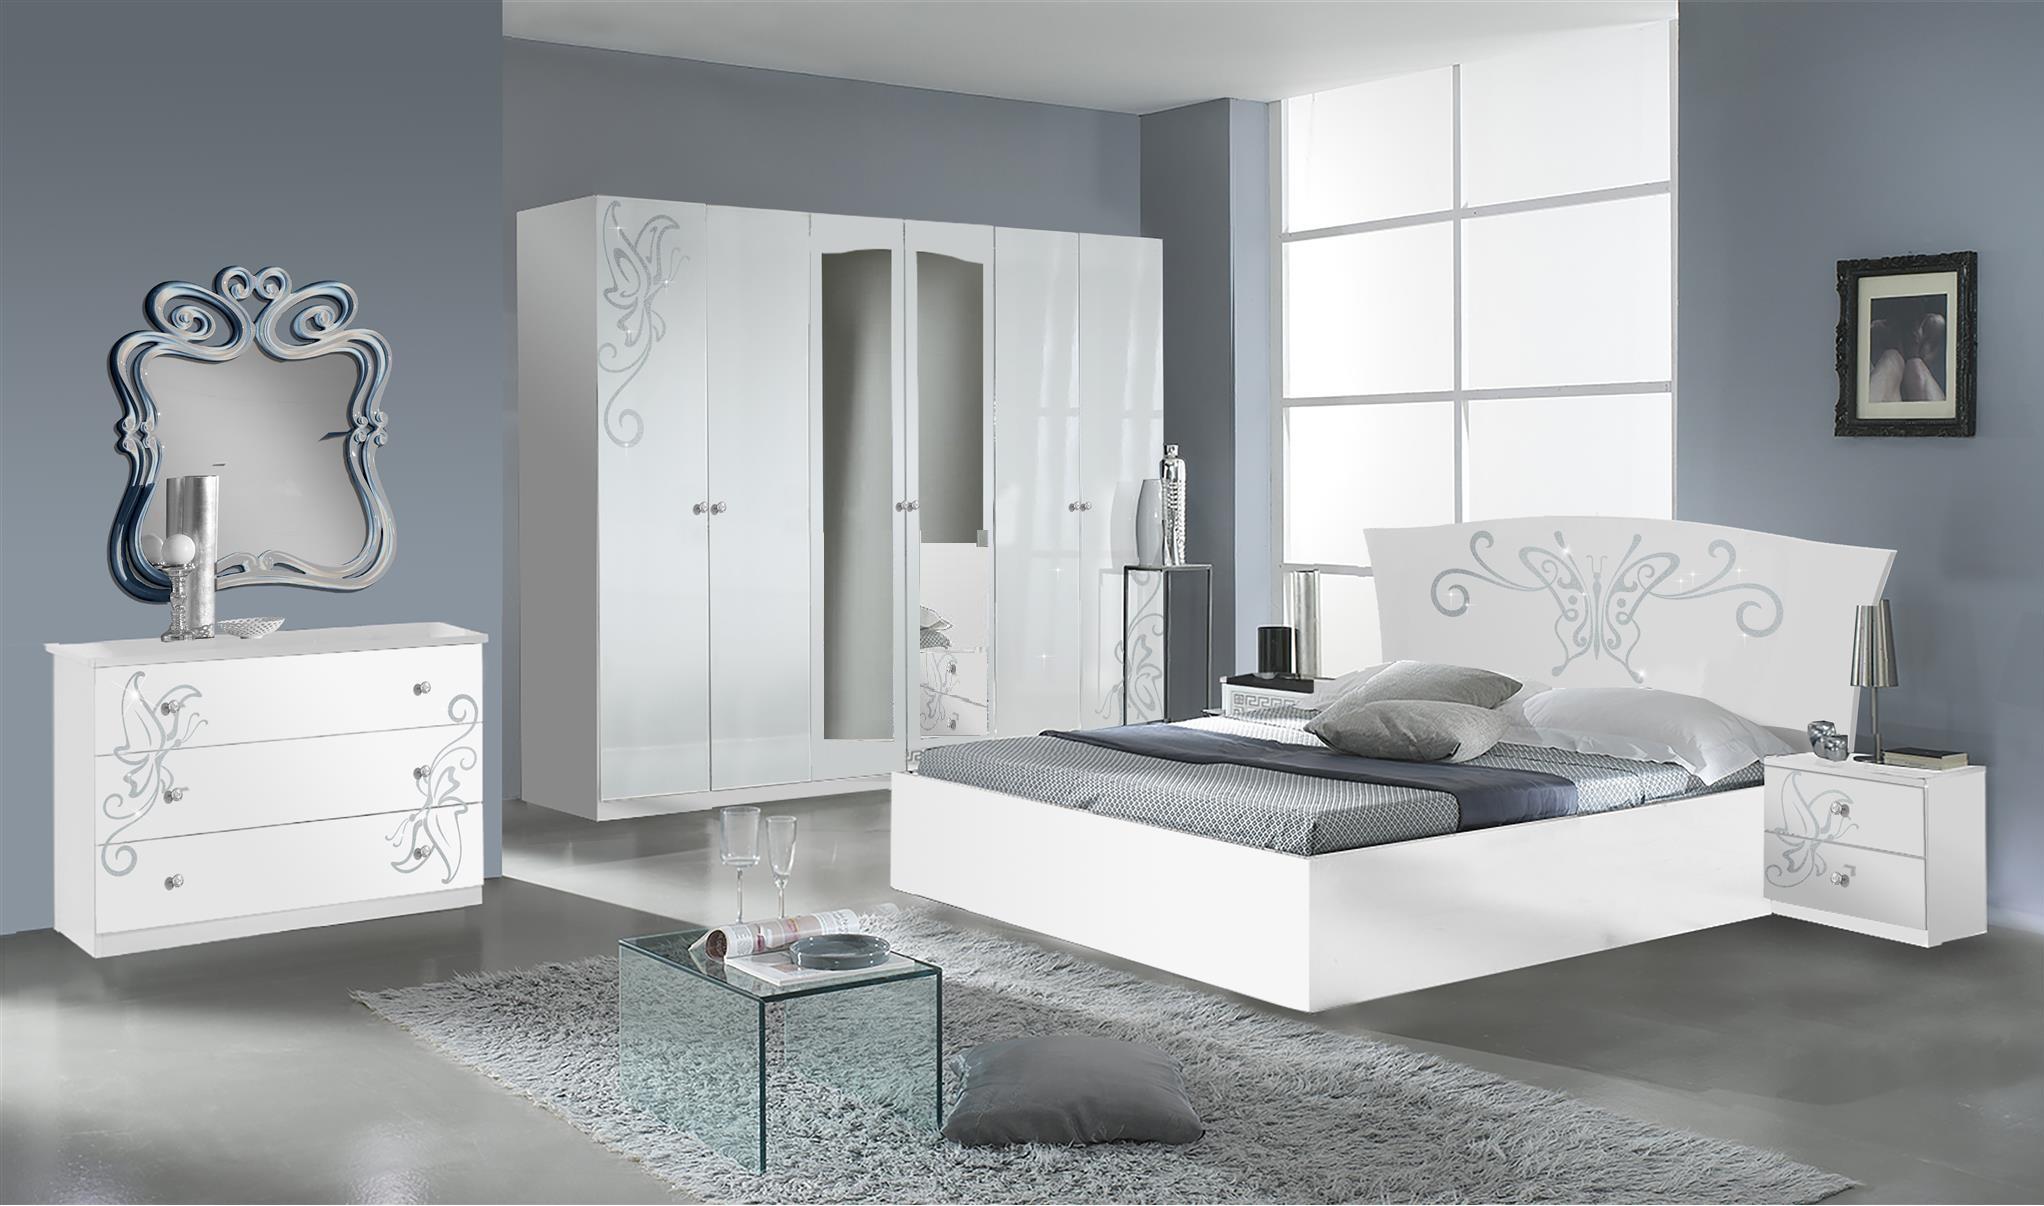 Full Size of Günstige Schlafzimmer Italienische Barockmbel Sicher Und Schnell Online Gnstig Weißes Deko Set Komplett Weiß Wandtattoos Kronleuchter Günstiges Sofa Schlafzimmer Günstige Schlafzimmer